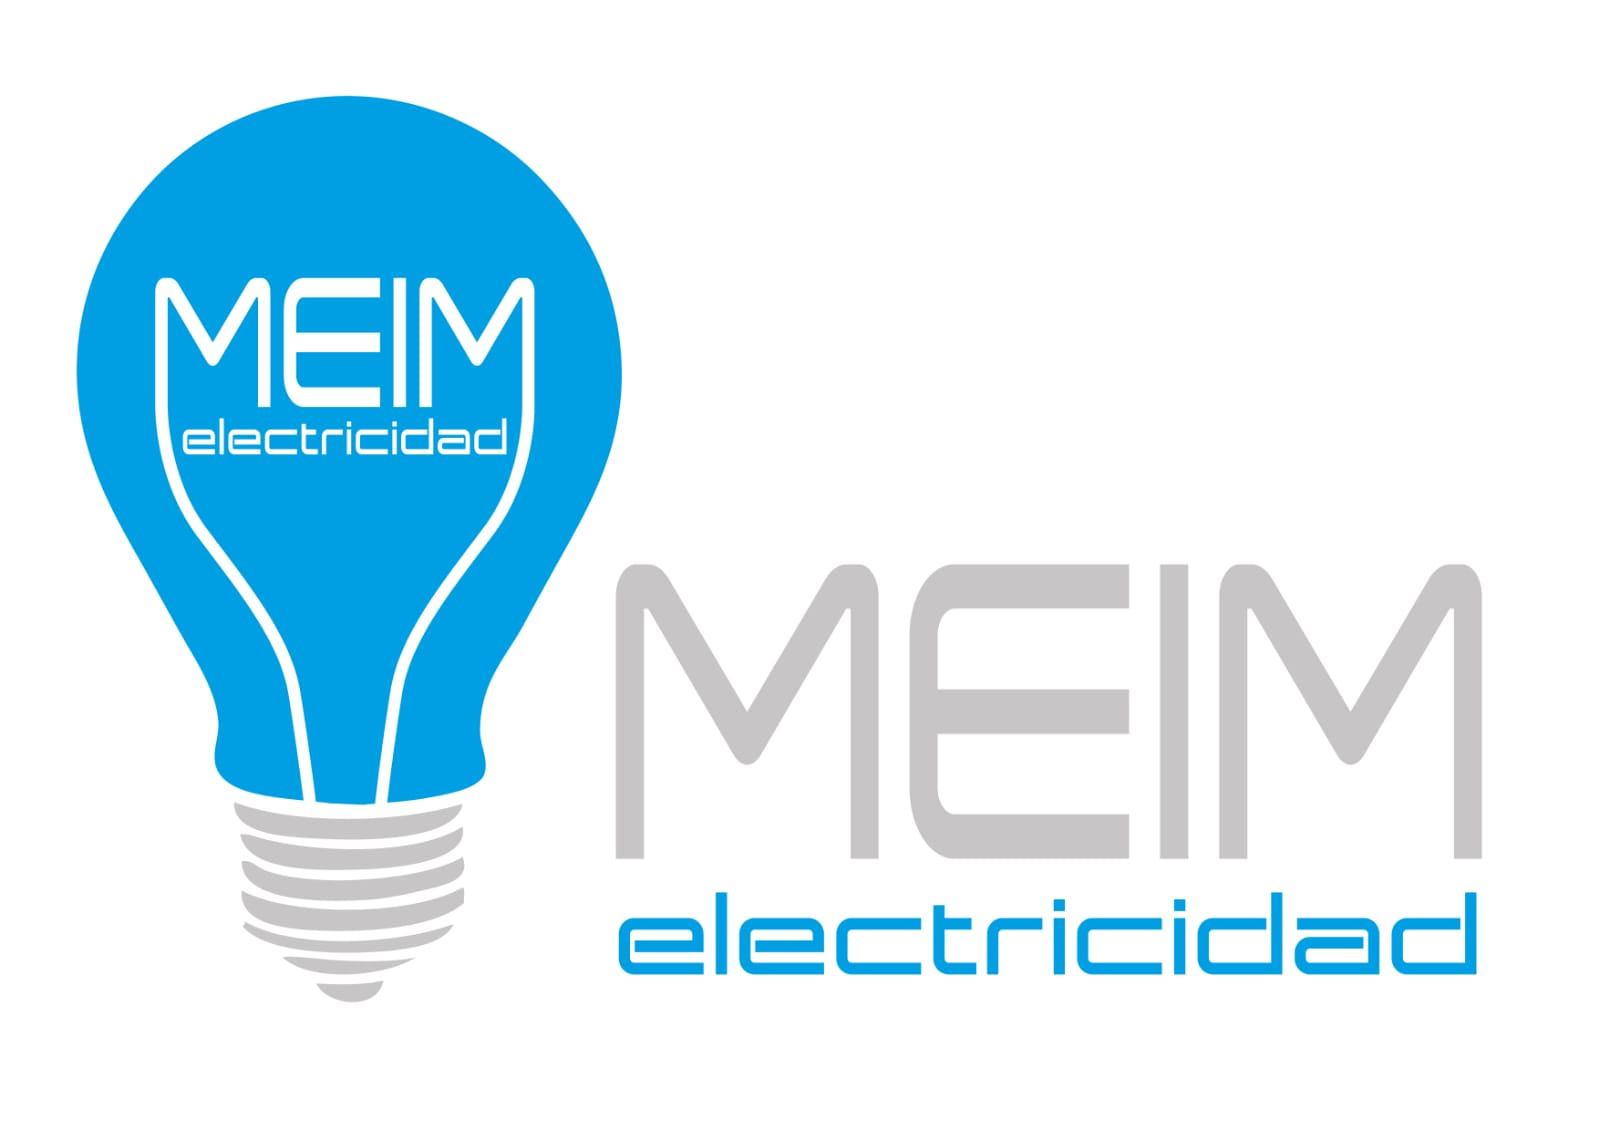 Meim Electricidad